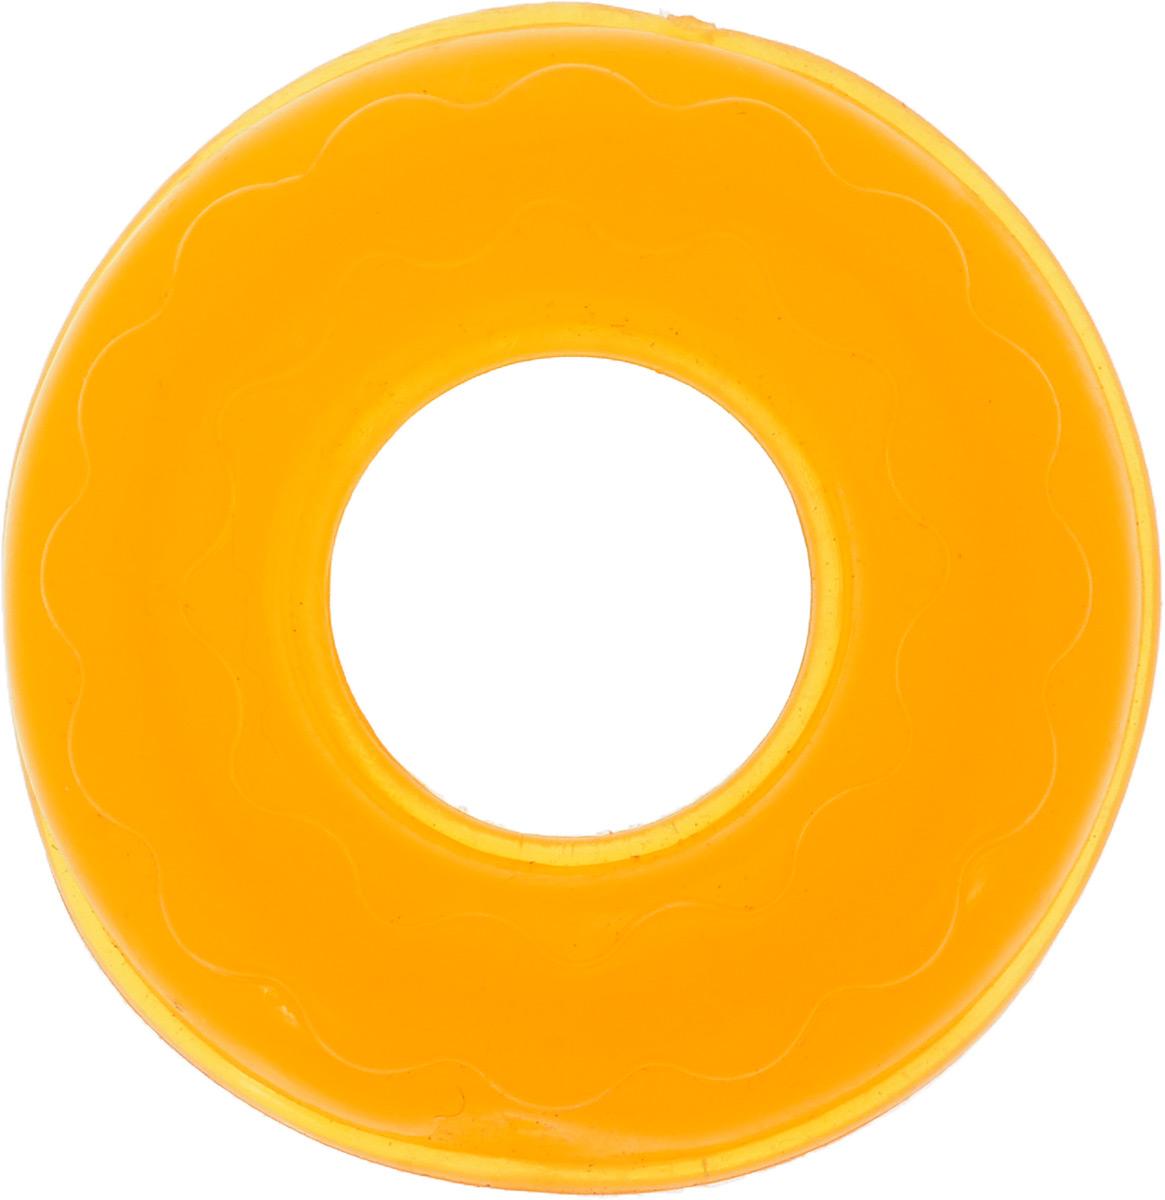 Игрушка для собак Doglike Кольцо Мини, 6,5 х 6,5 х 2 смD11-1110Игрушка Doglike Кольцо Мини служит для массажа десен и очистки зубов от налета и камня, а также снимает нервное напряжение. Игрушка представляет собой резиновое кольцо. Она прочная и может выдержать огромное количество часов игры. Это идеальная замена косточке.Если ваш пес портит мебель, излишне агрессивен, непослушен или страдает излишним весом то, скорее всего, корень всех бед кроется в недостаточной физической и эмоциональной нагрузке. Порадуйте своего питомца прекрасным и качественным подарком.